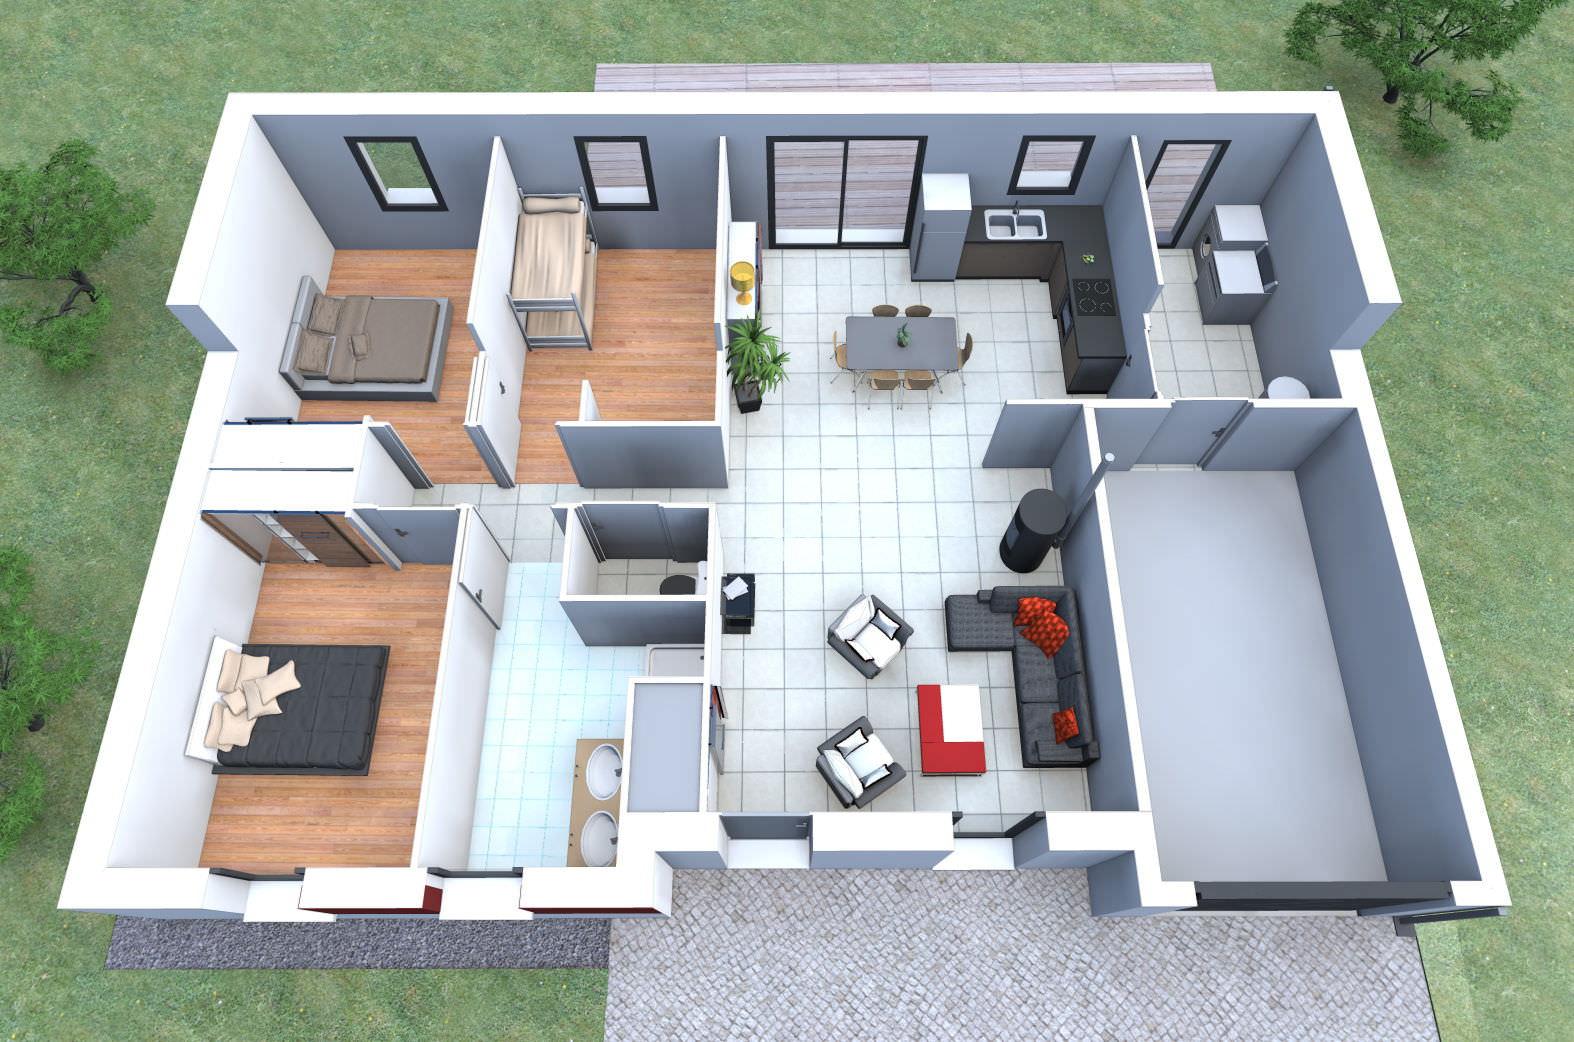 Amazing recevoir des devis maison bois maison type tages datis sl alliance with plan de maison type